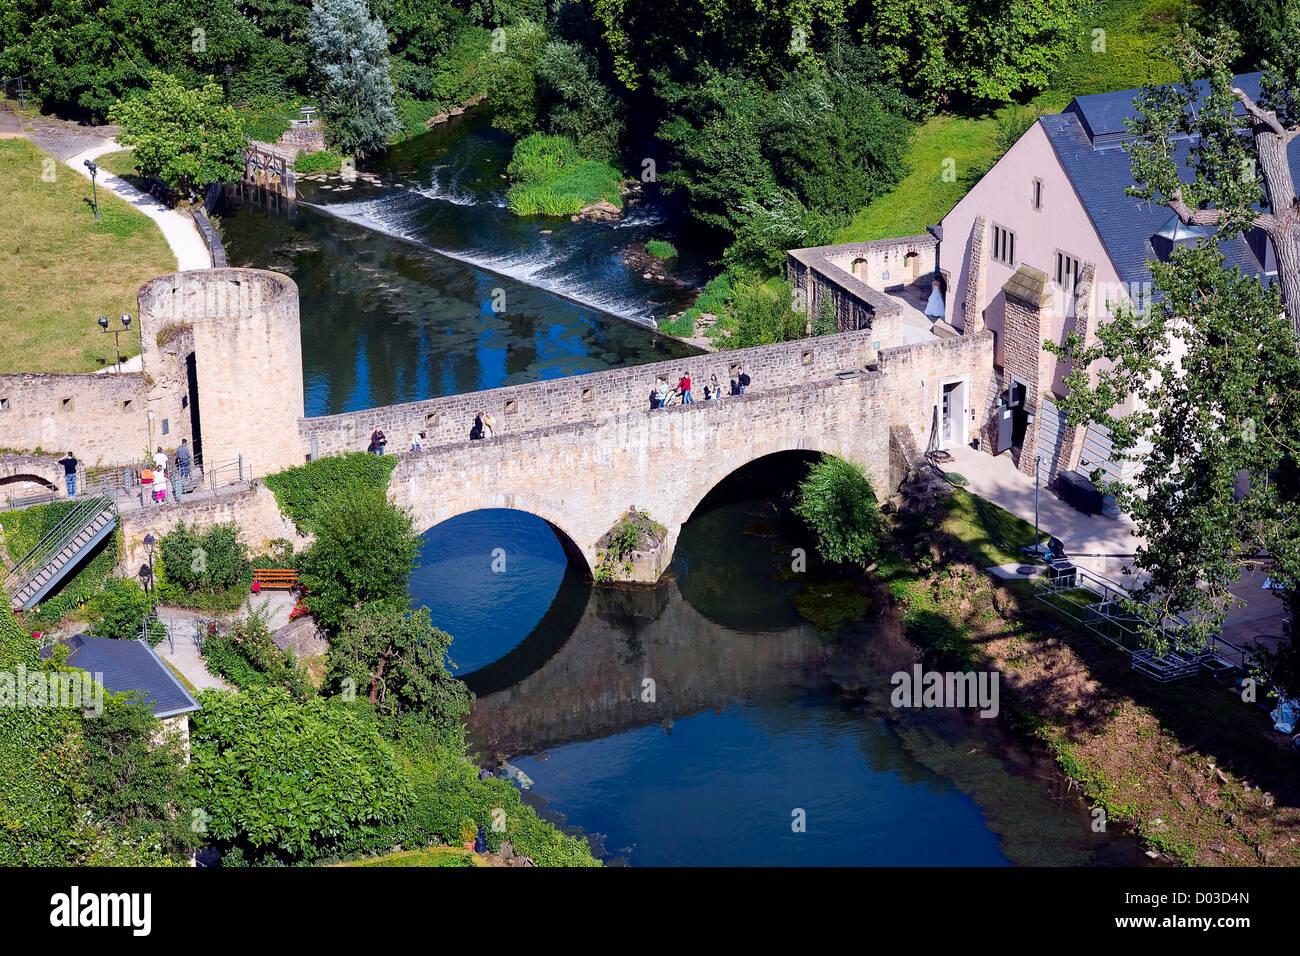 Blick auf eine alte Steinbrücke, die Stadt Luxemburg in Luxemburg Stockbild